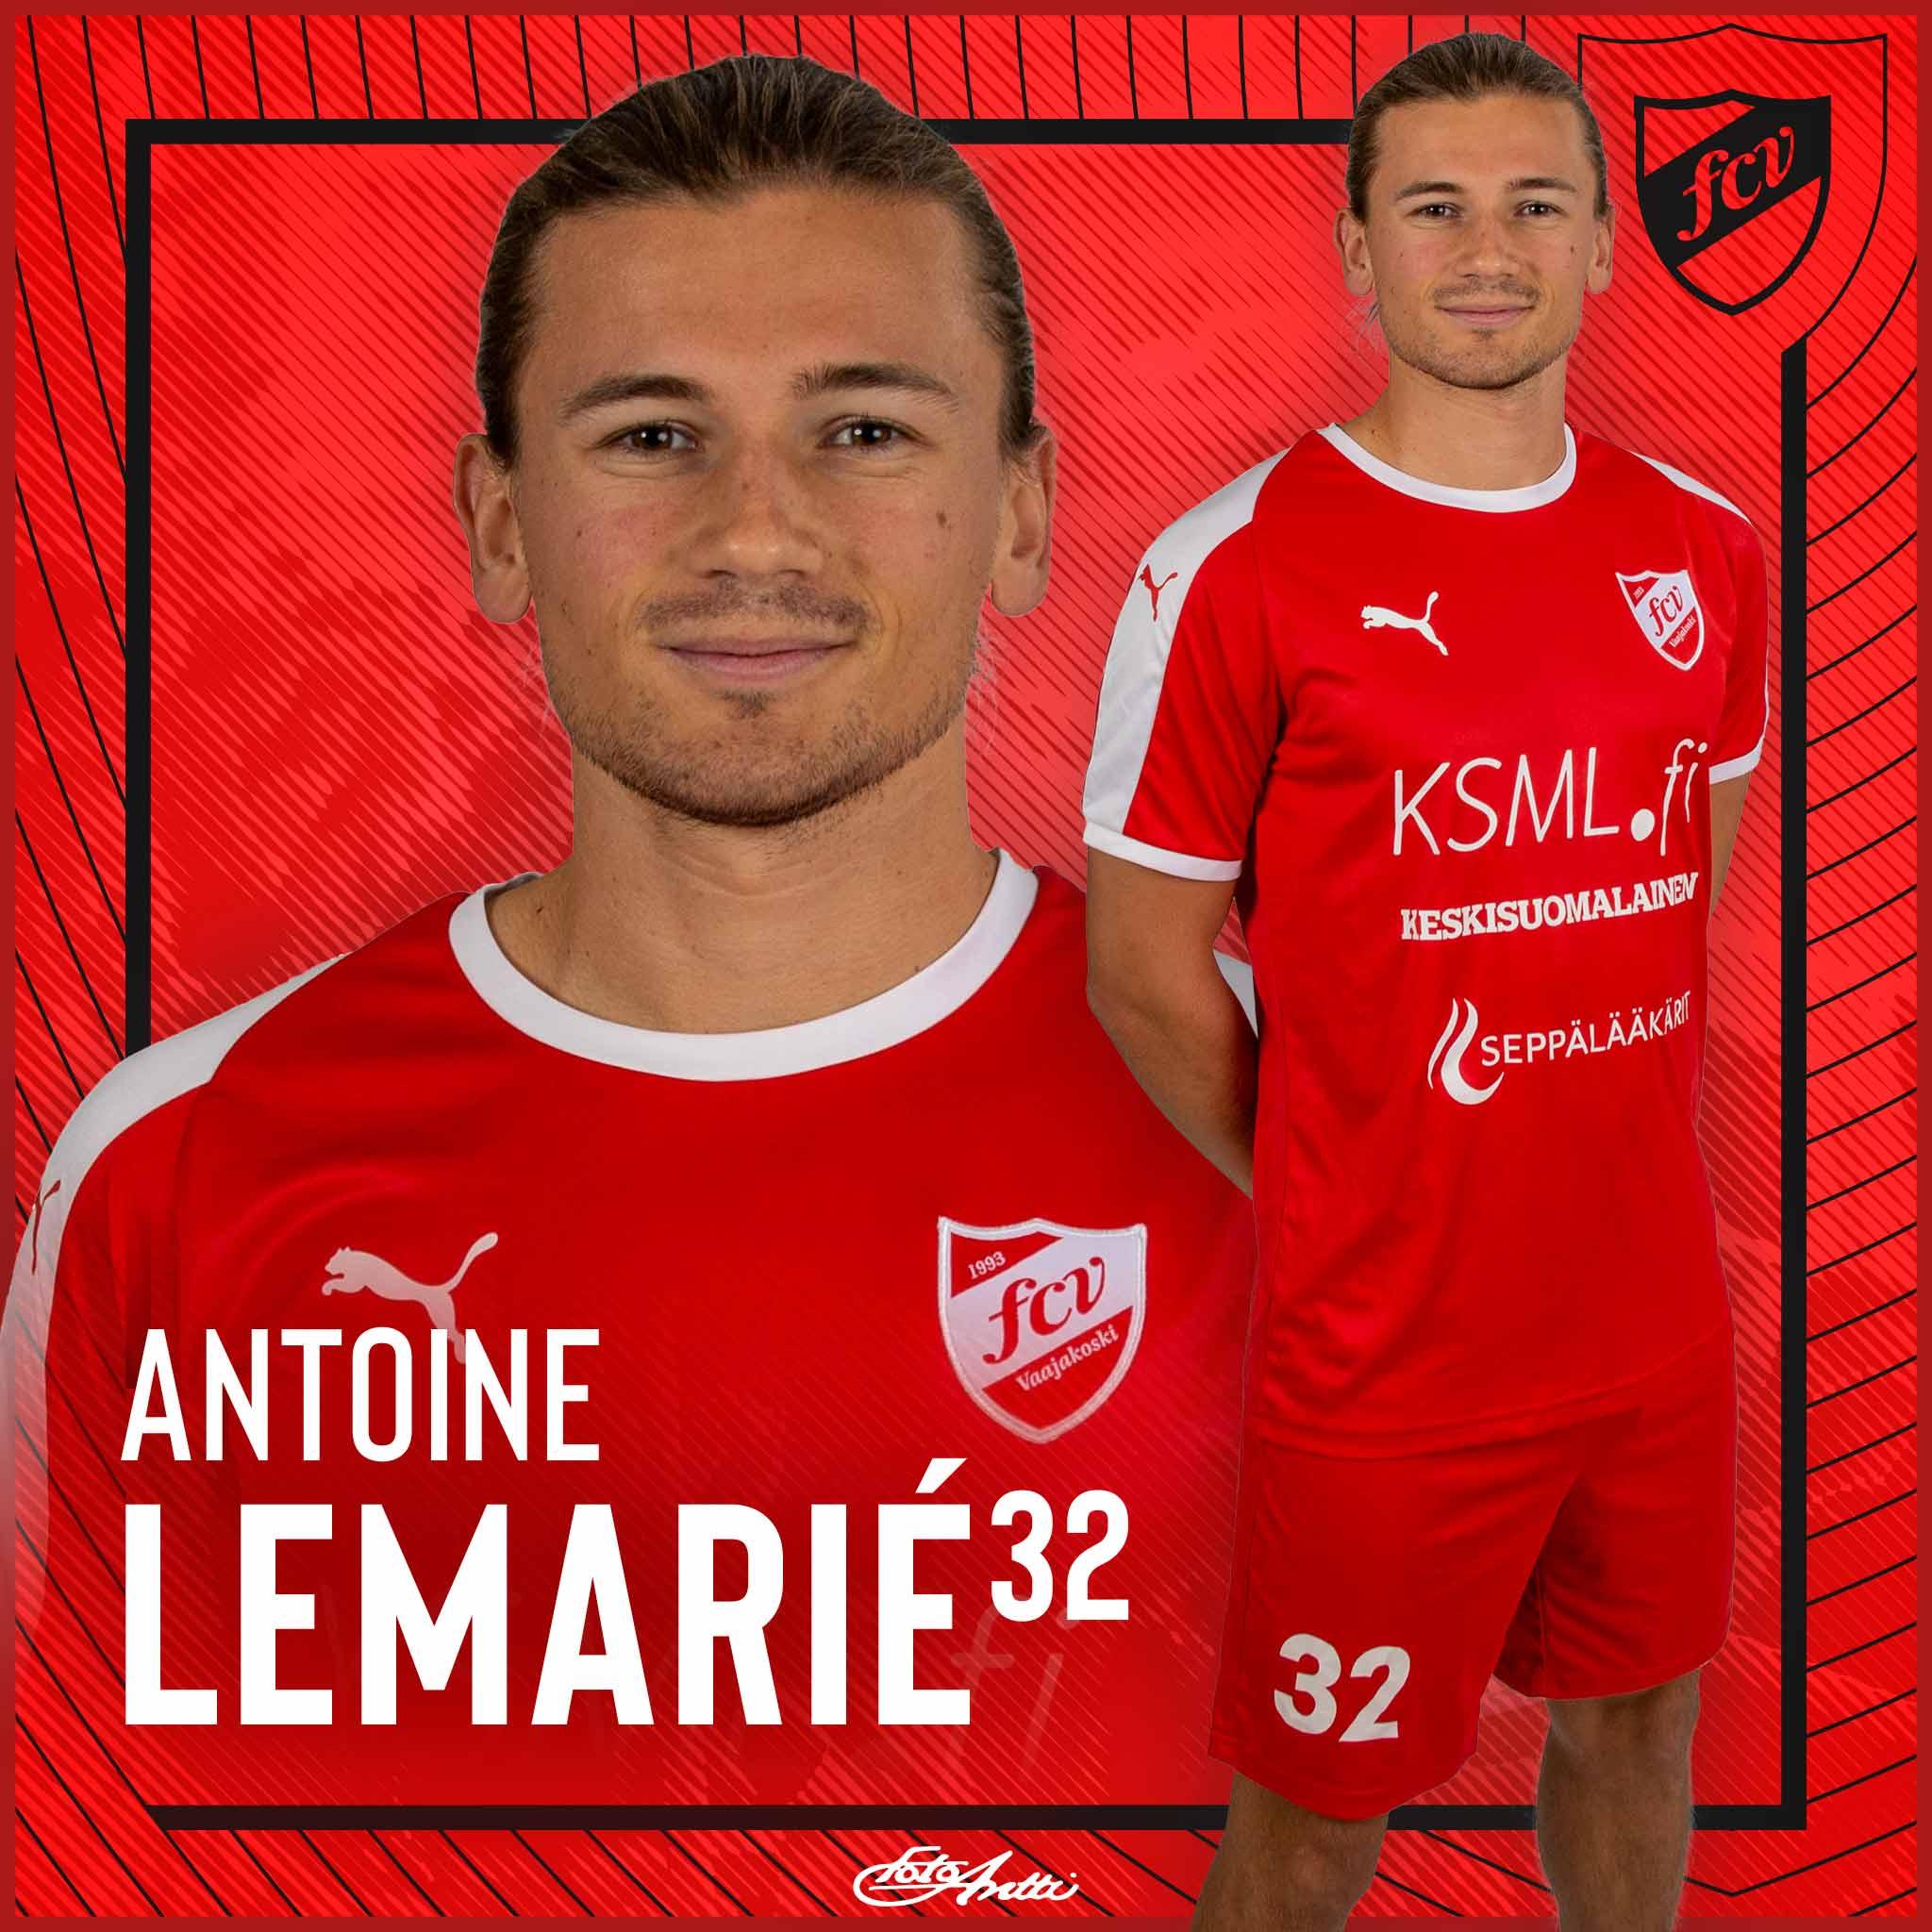 Antoine Lemarie